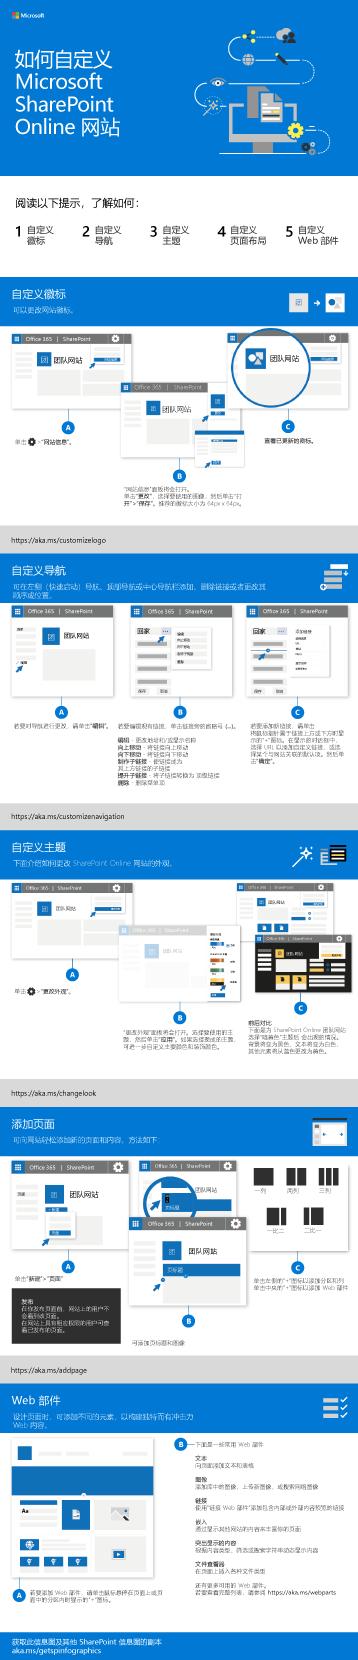 自定义 SharePoint 网站